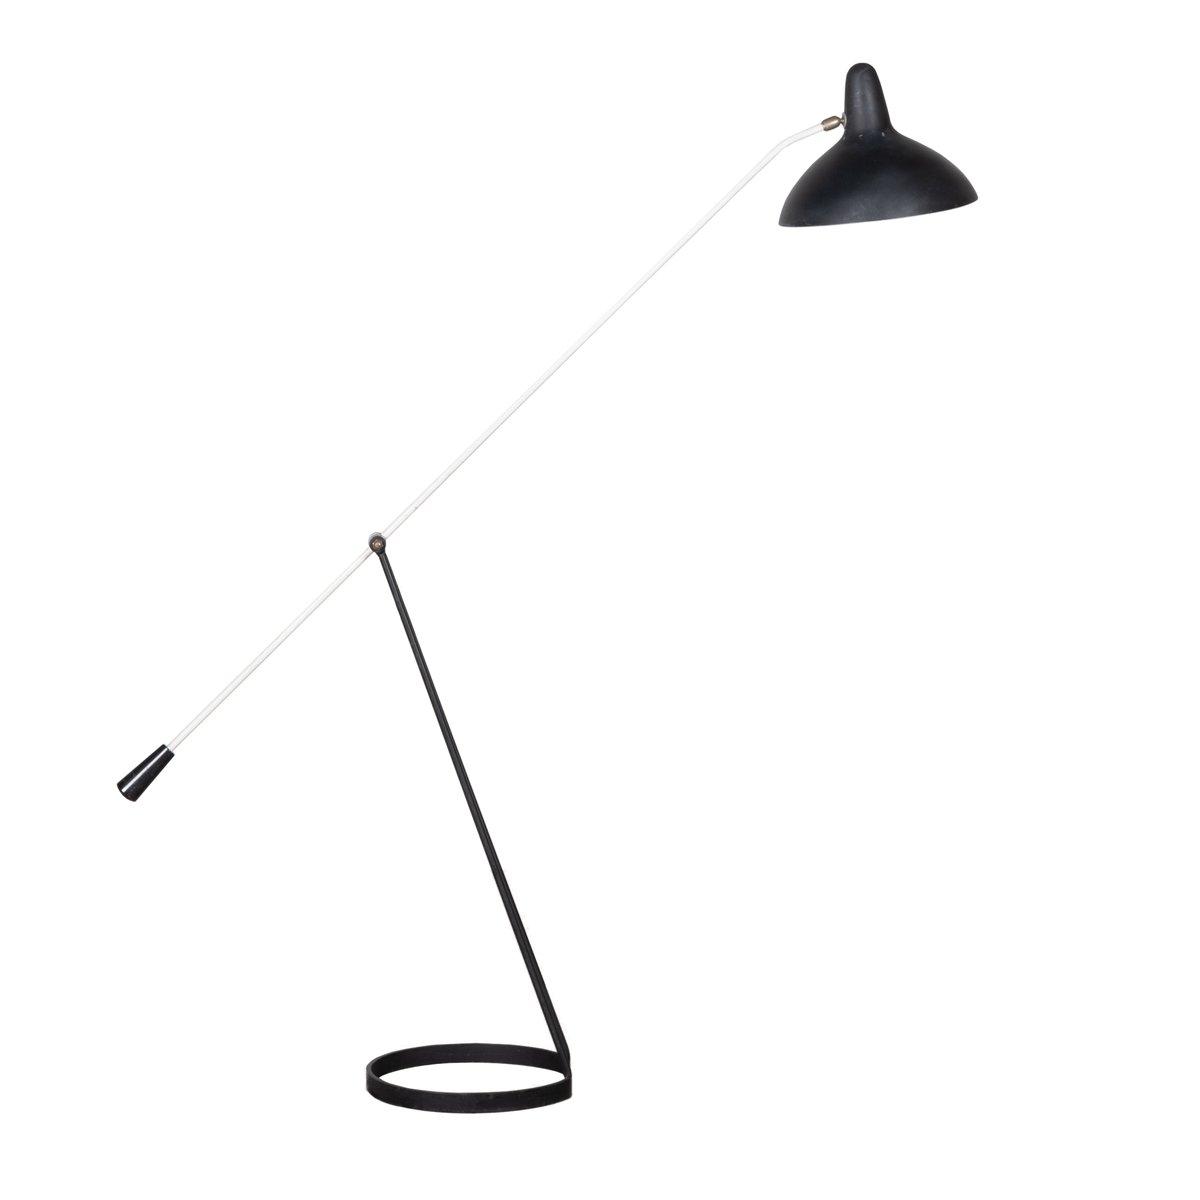 Mid-Century Stehlampe in Schwarz & Weiß von Floris Fiedeldij für Artim...